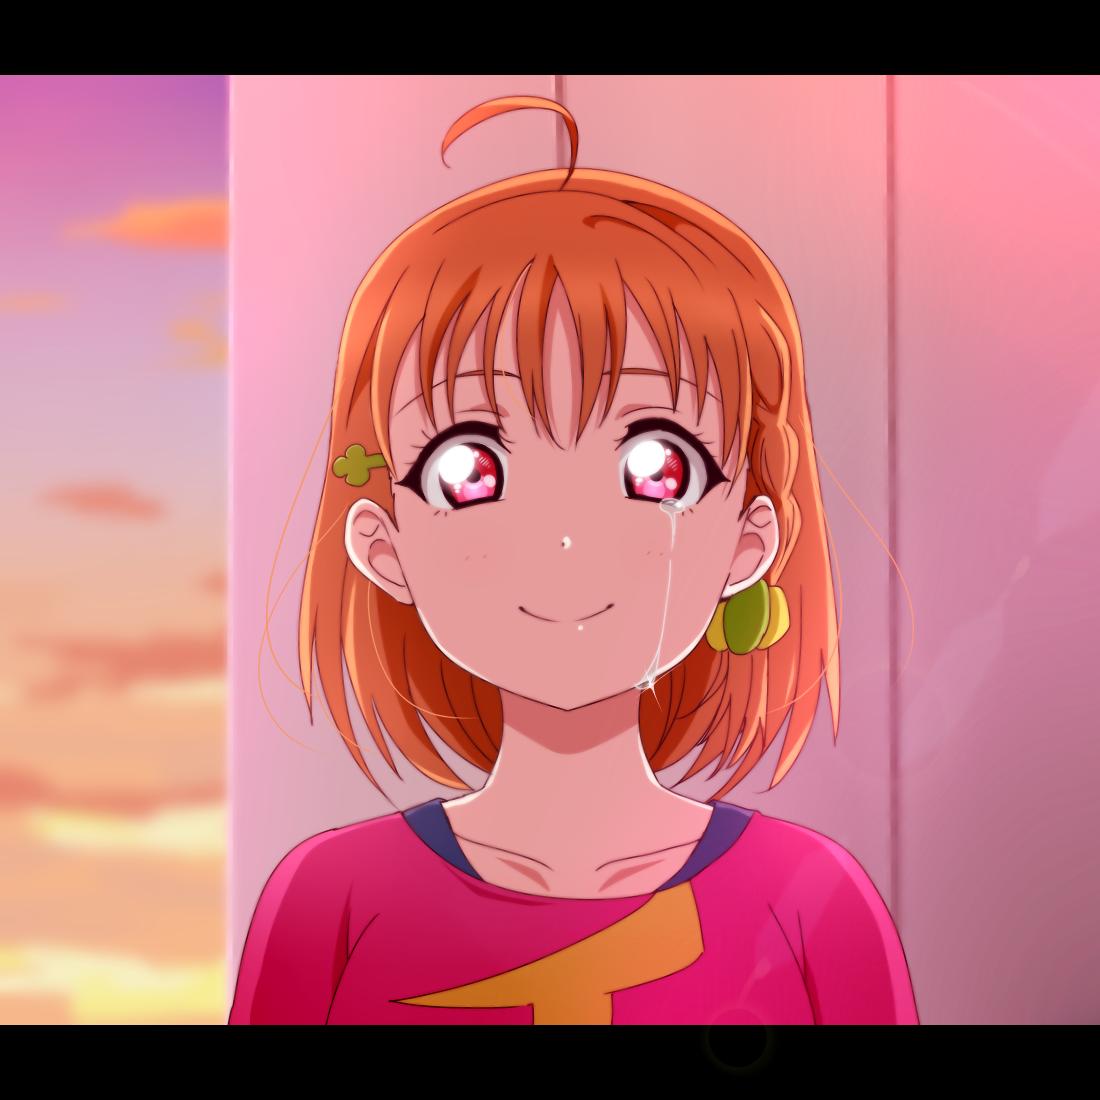 ラブライブ!サンシャイン!! 高海千歌 / LoveLive! Takami Chika No.5810